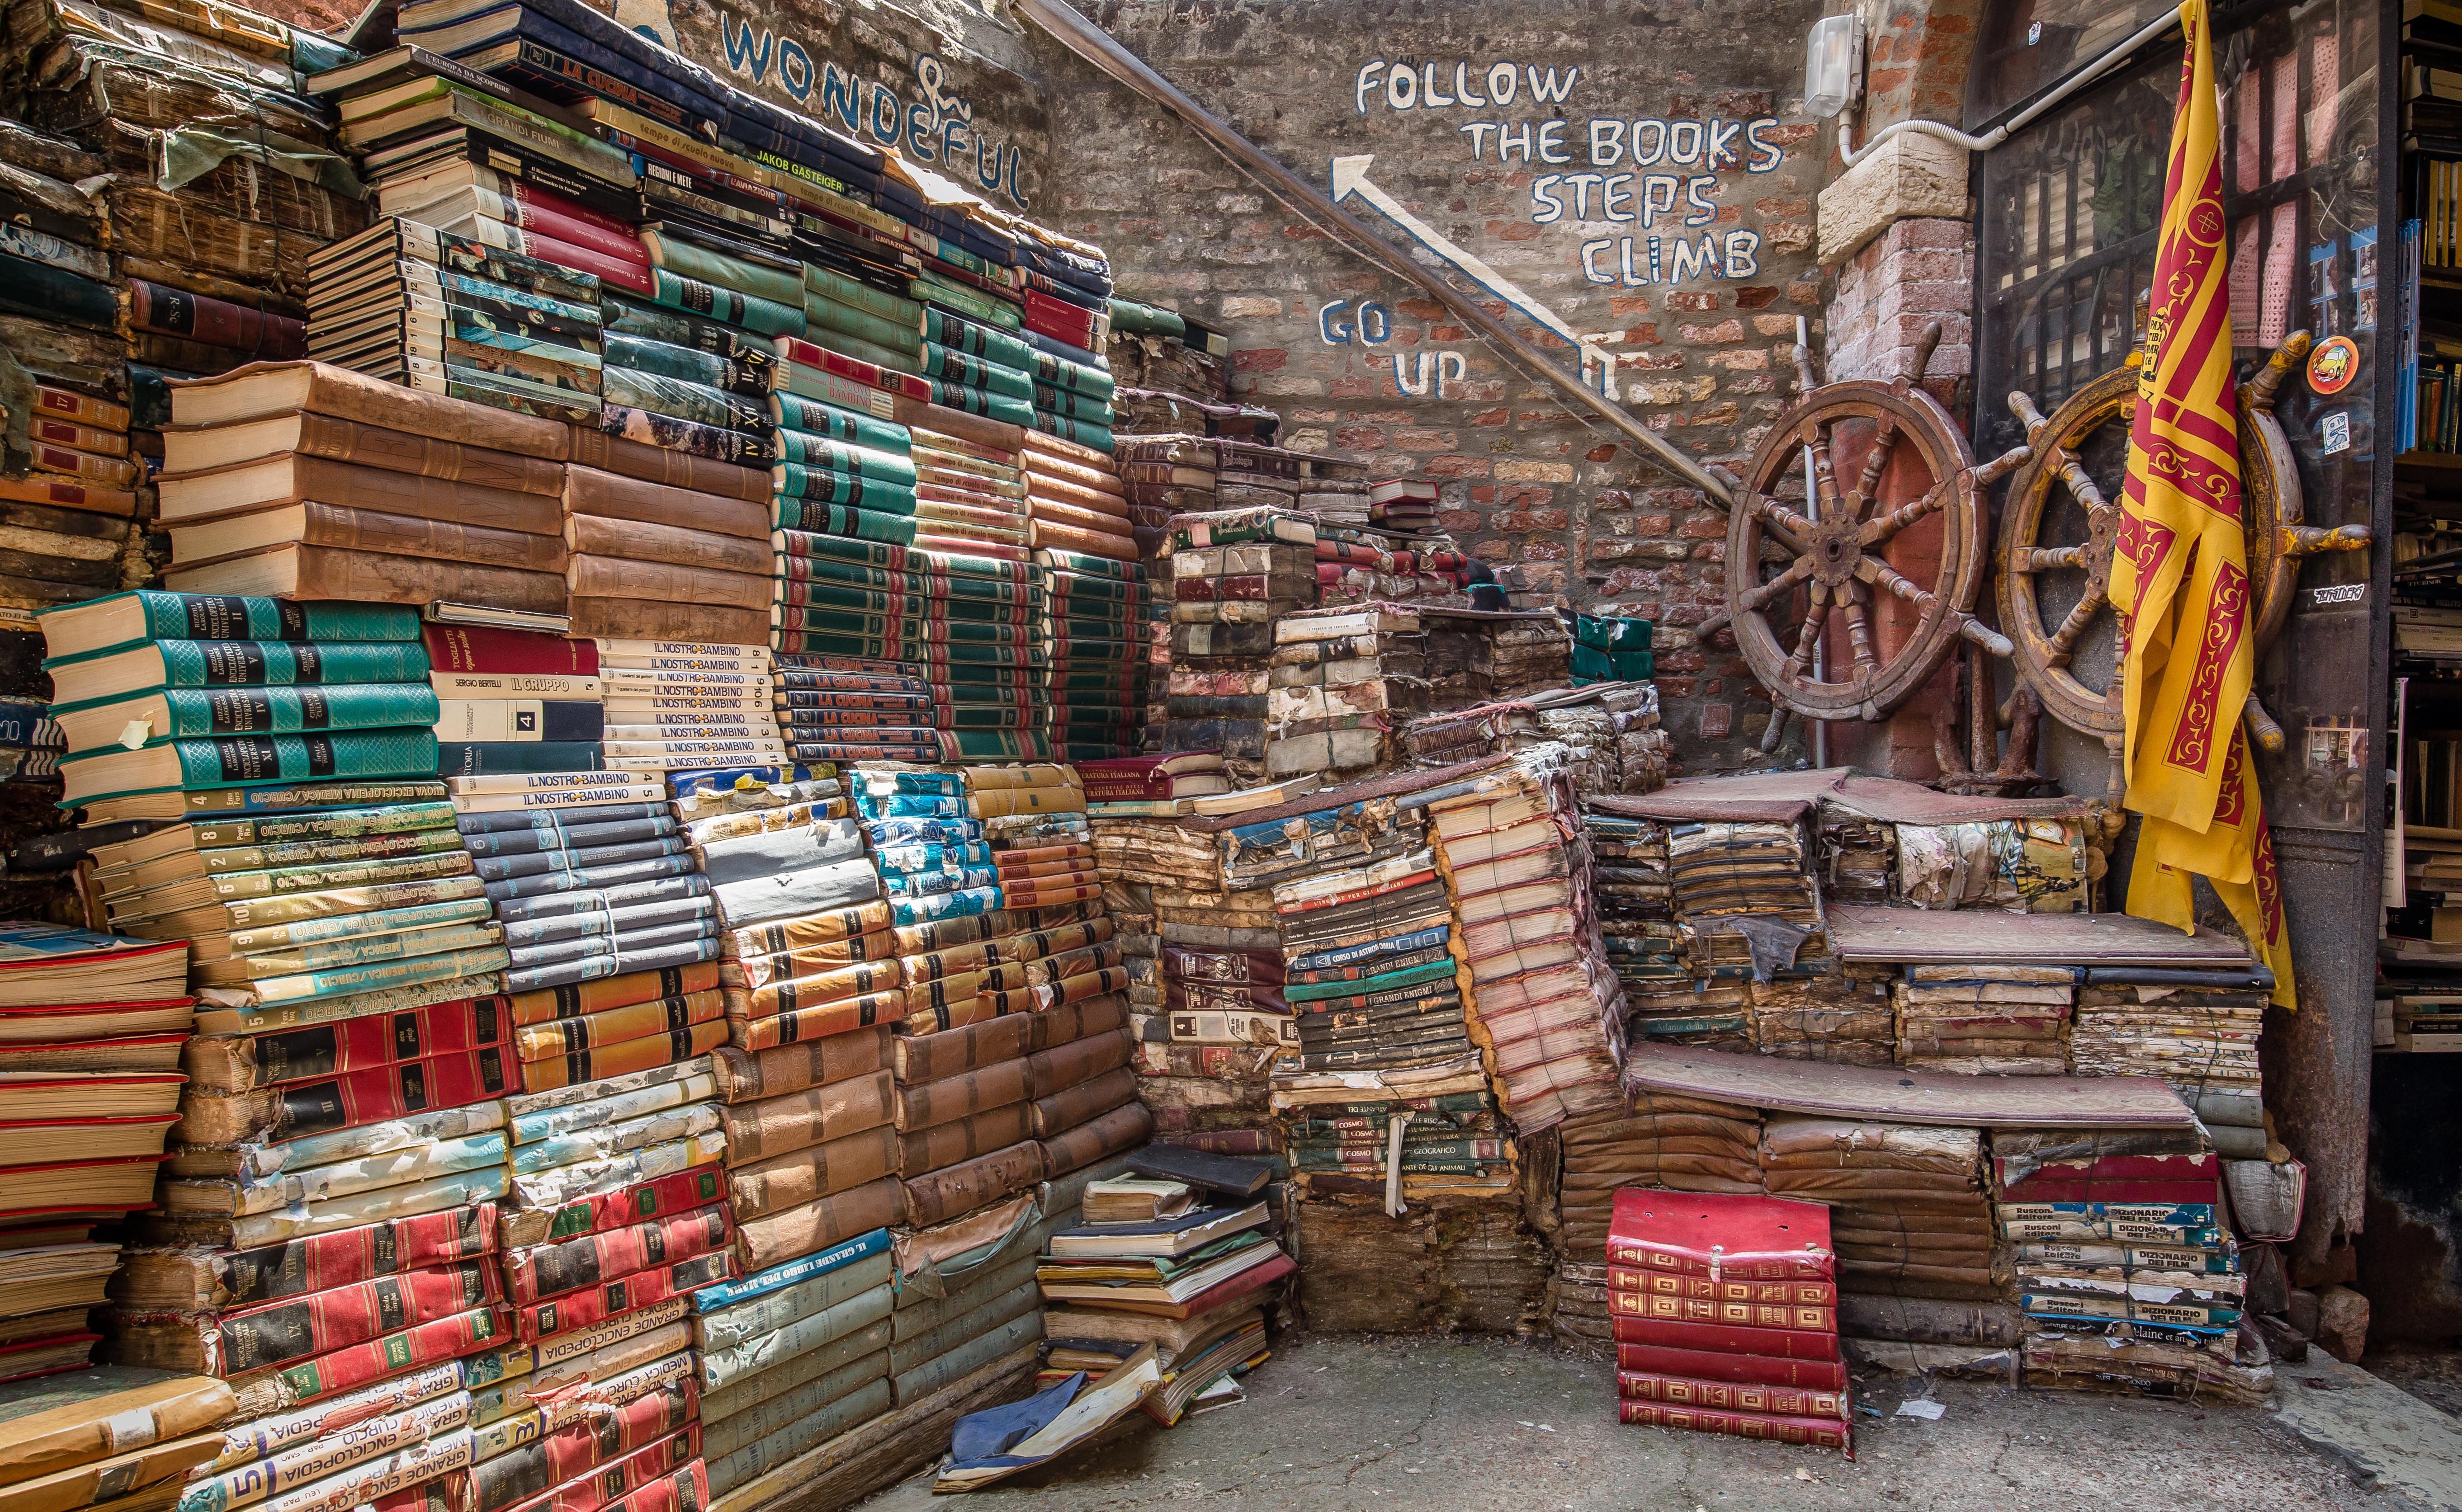 Libreria-Acqua-Alta-a-Venezia-3